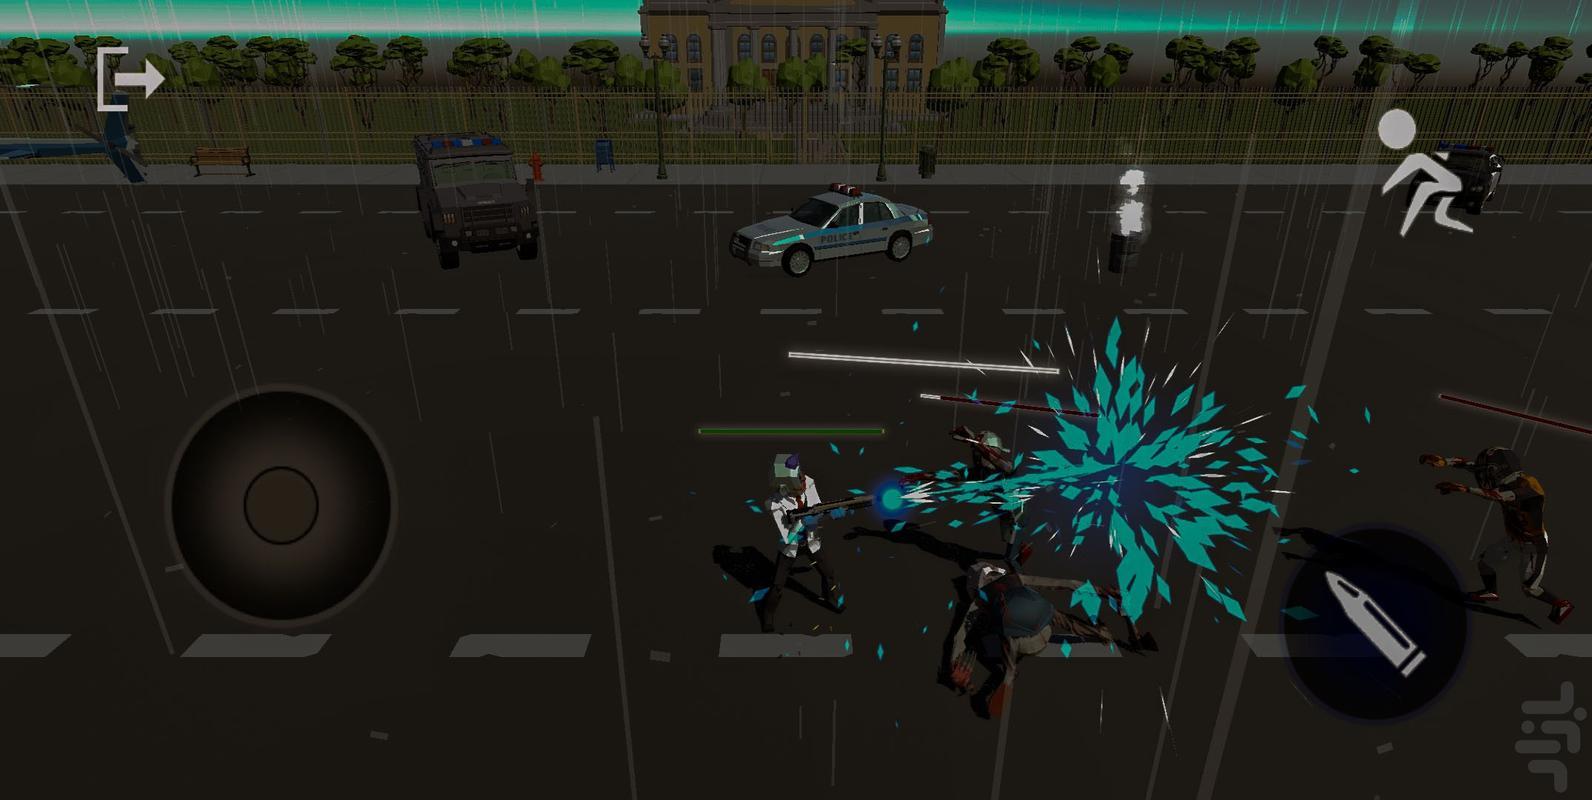 آخرین نبرد - عکس بازی موبایلی اندروید